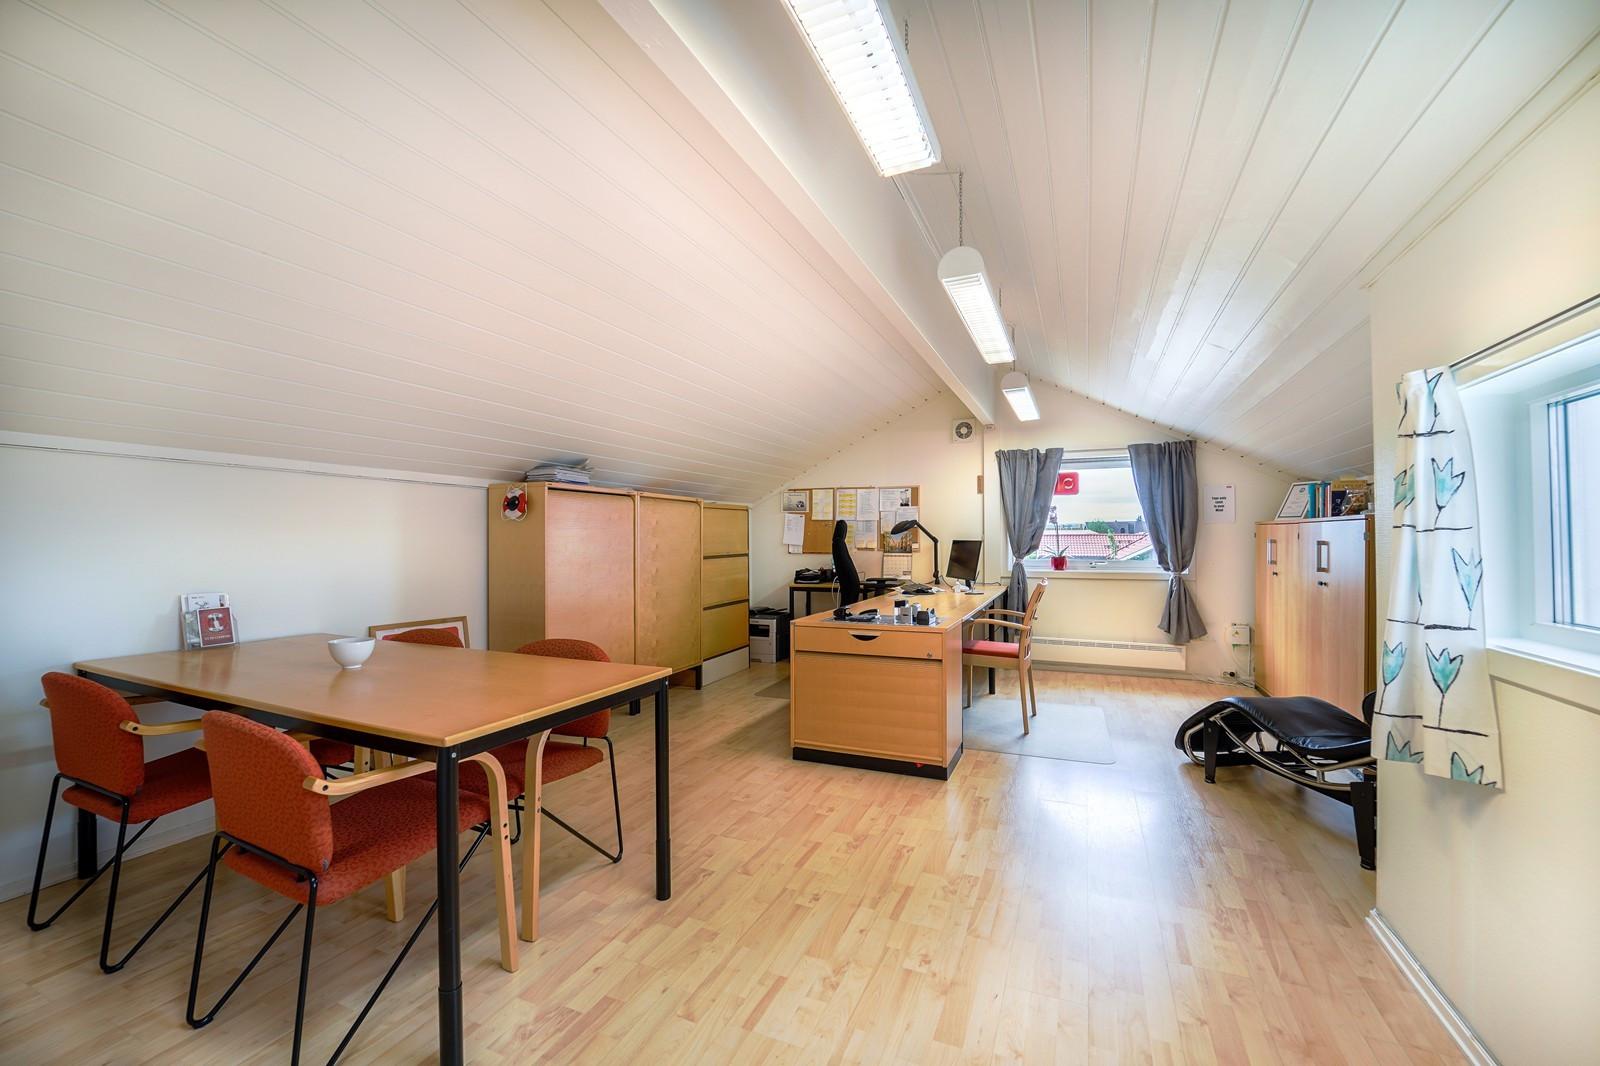 Kontoret er stort med plass til flere kontorplasser om ønskelig